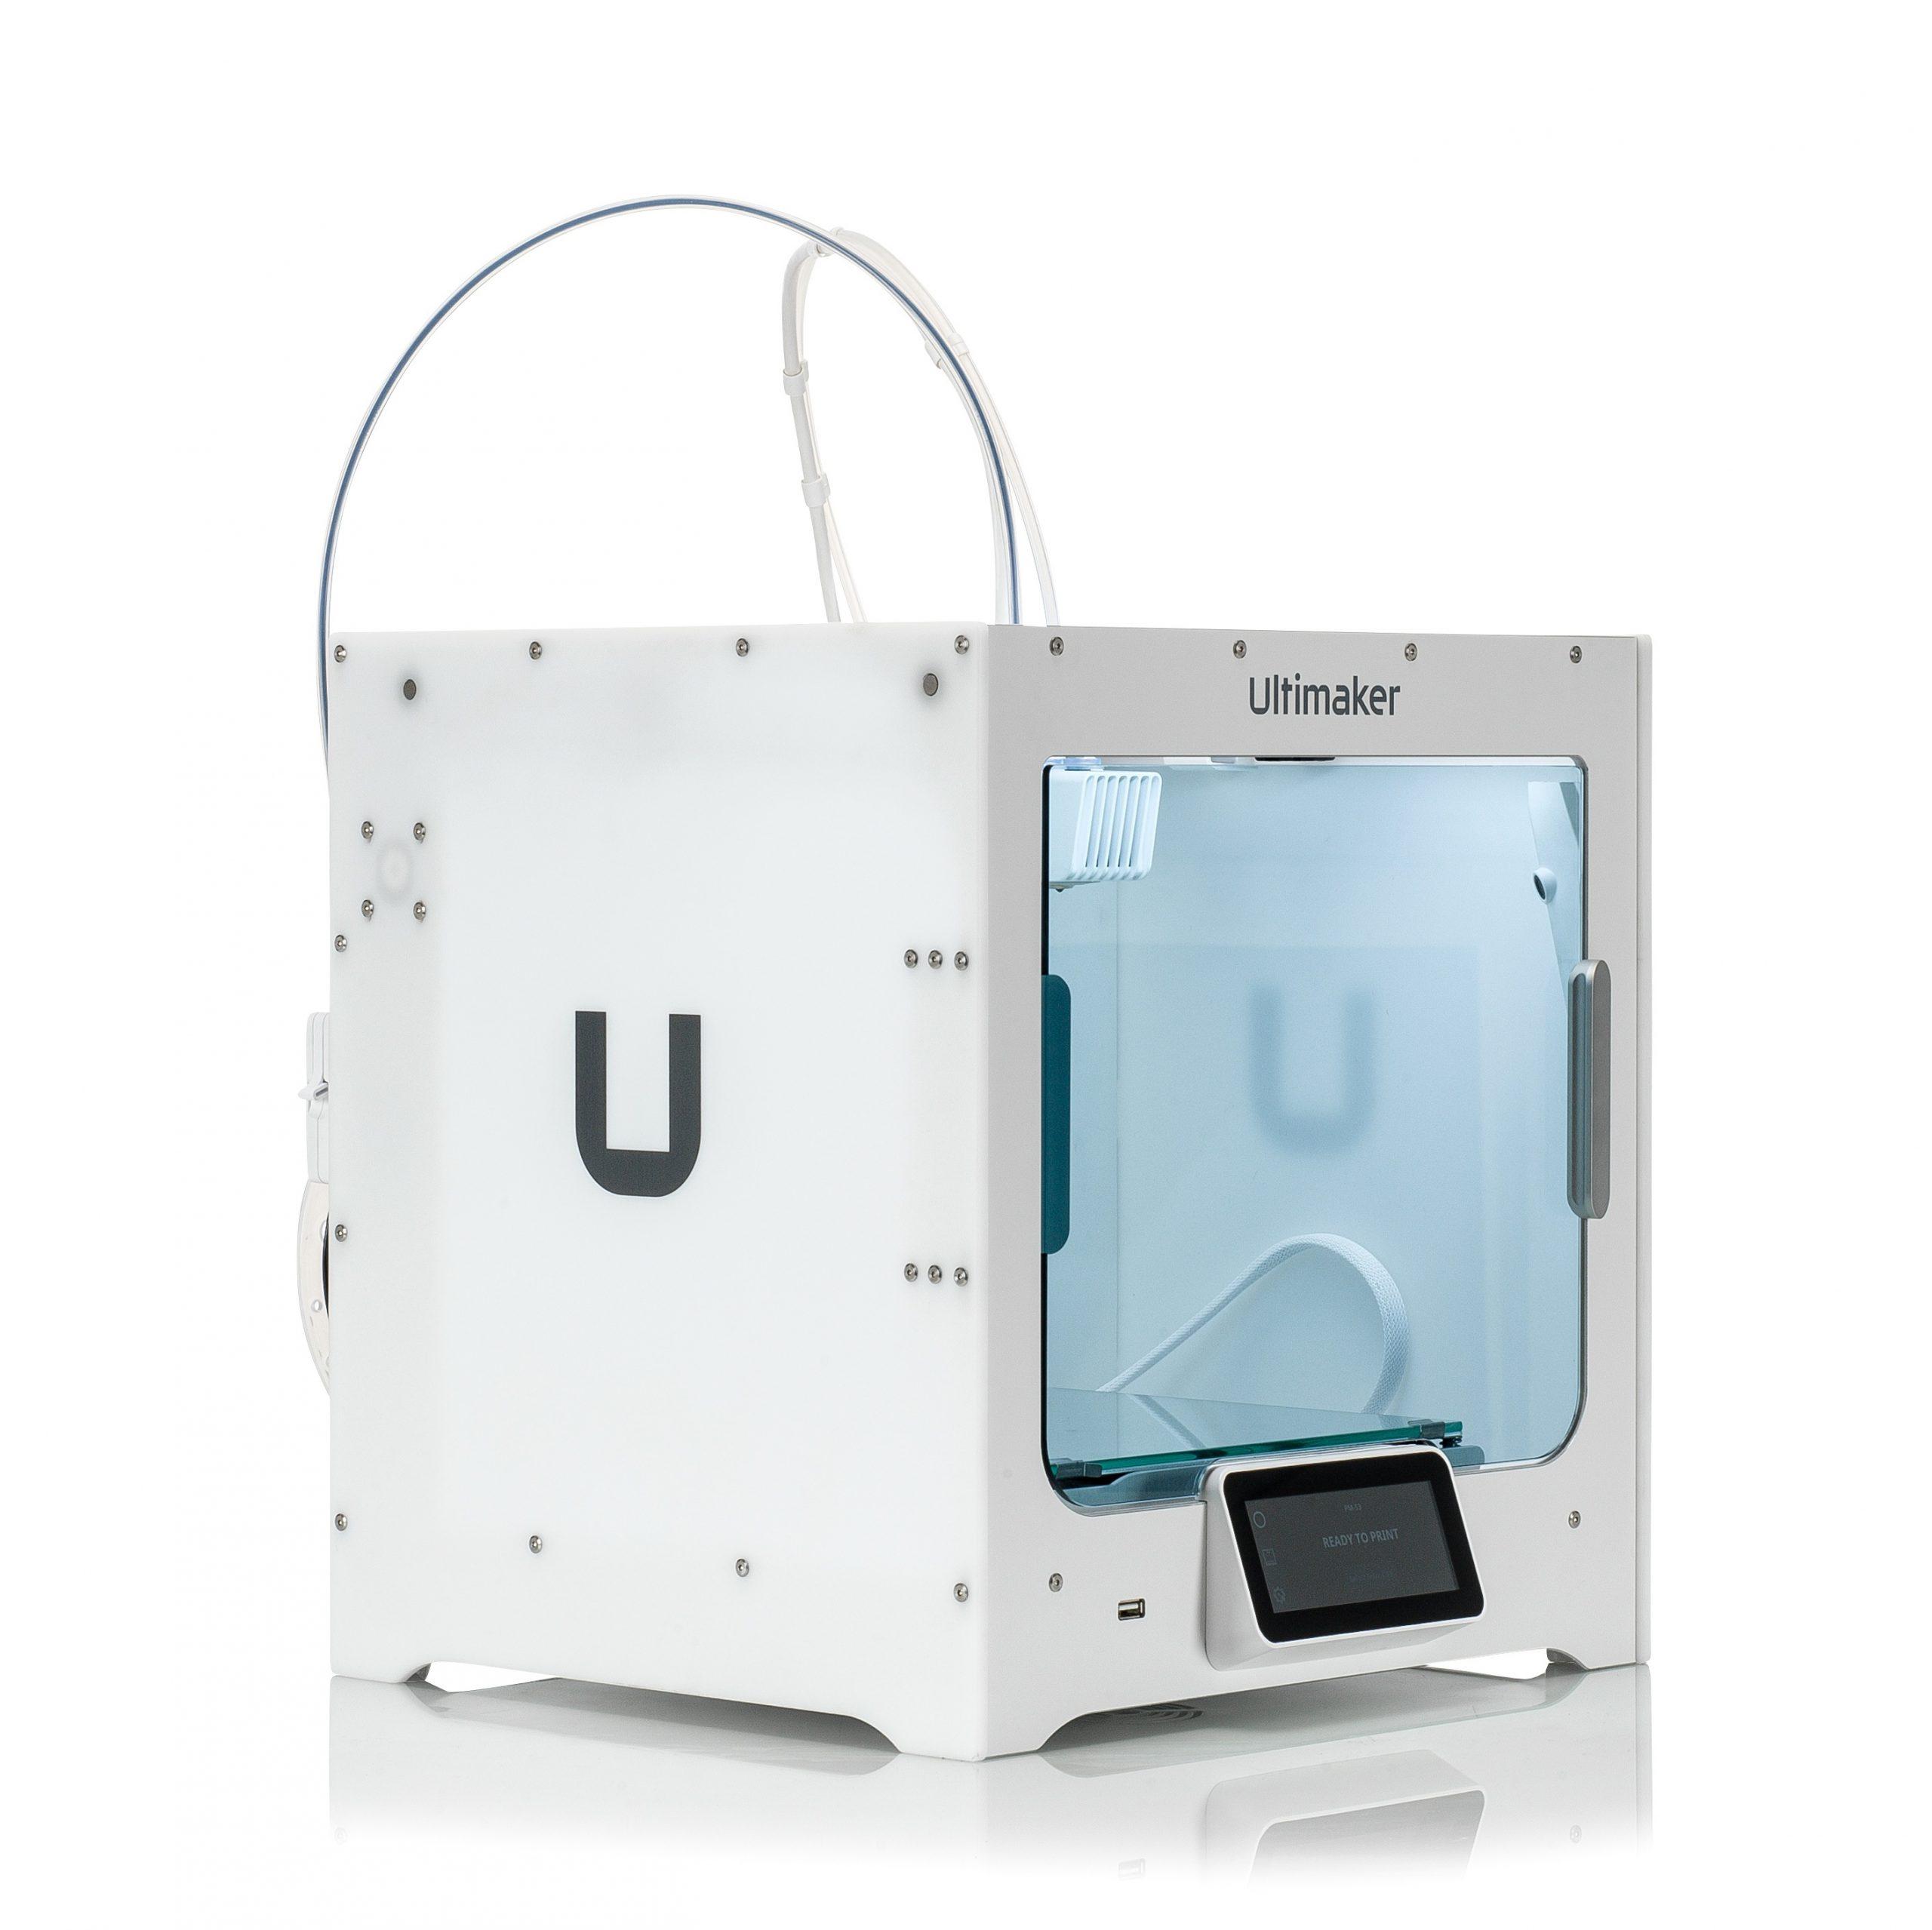 ultimaker-s3-3d-drucker.jpg